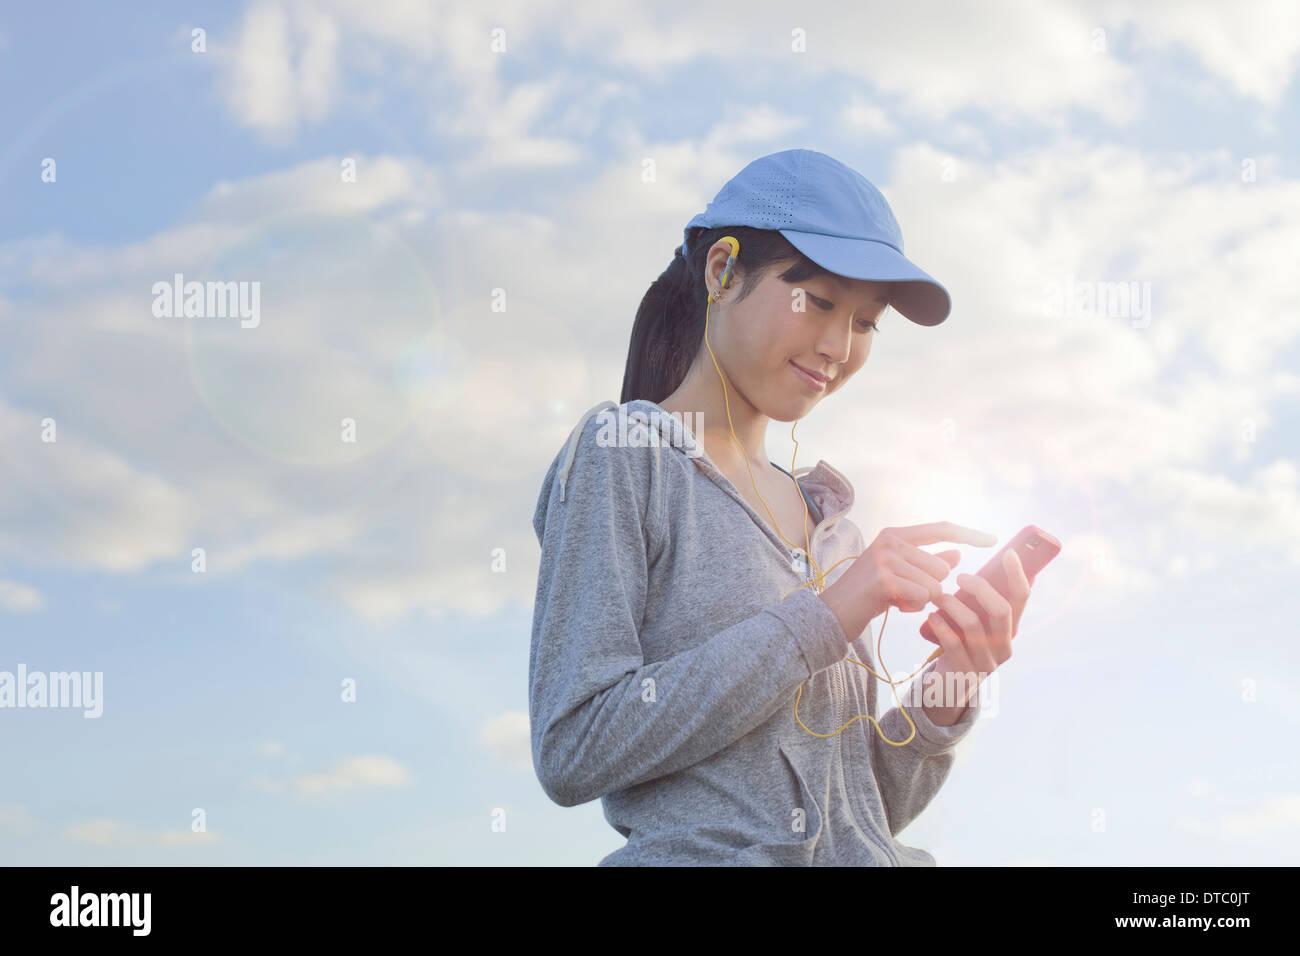 Young female runner le choix de la musique à partir de MP3player Photo Stock